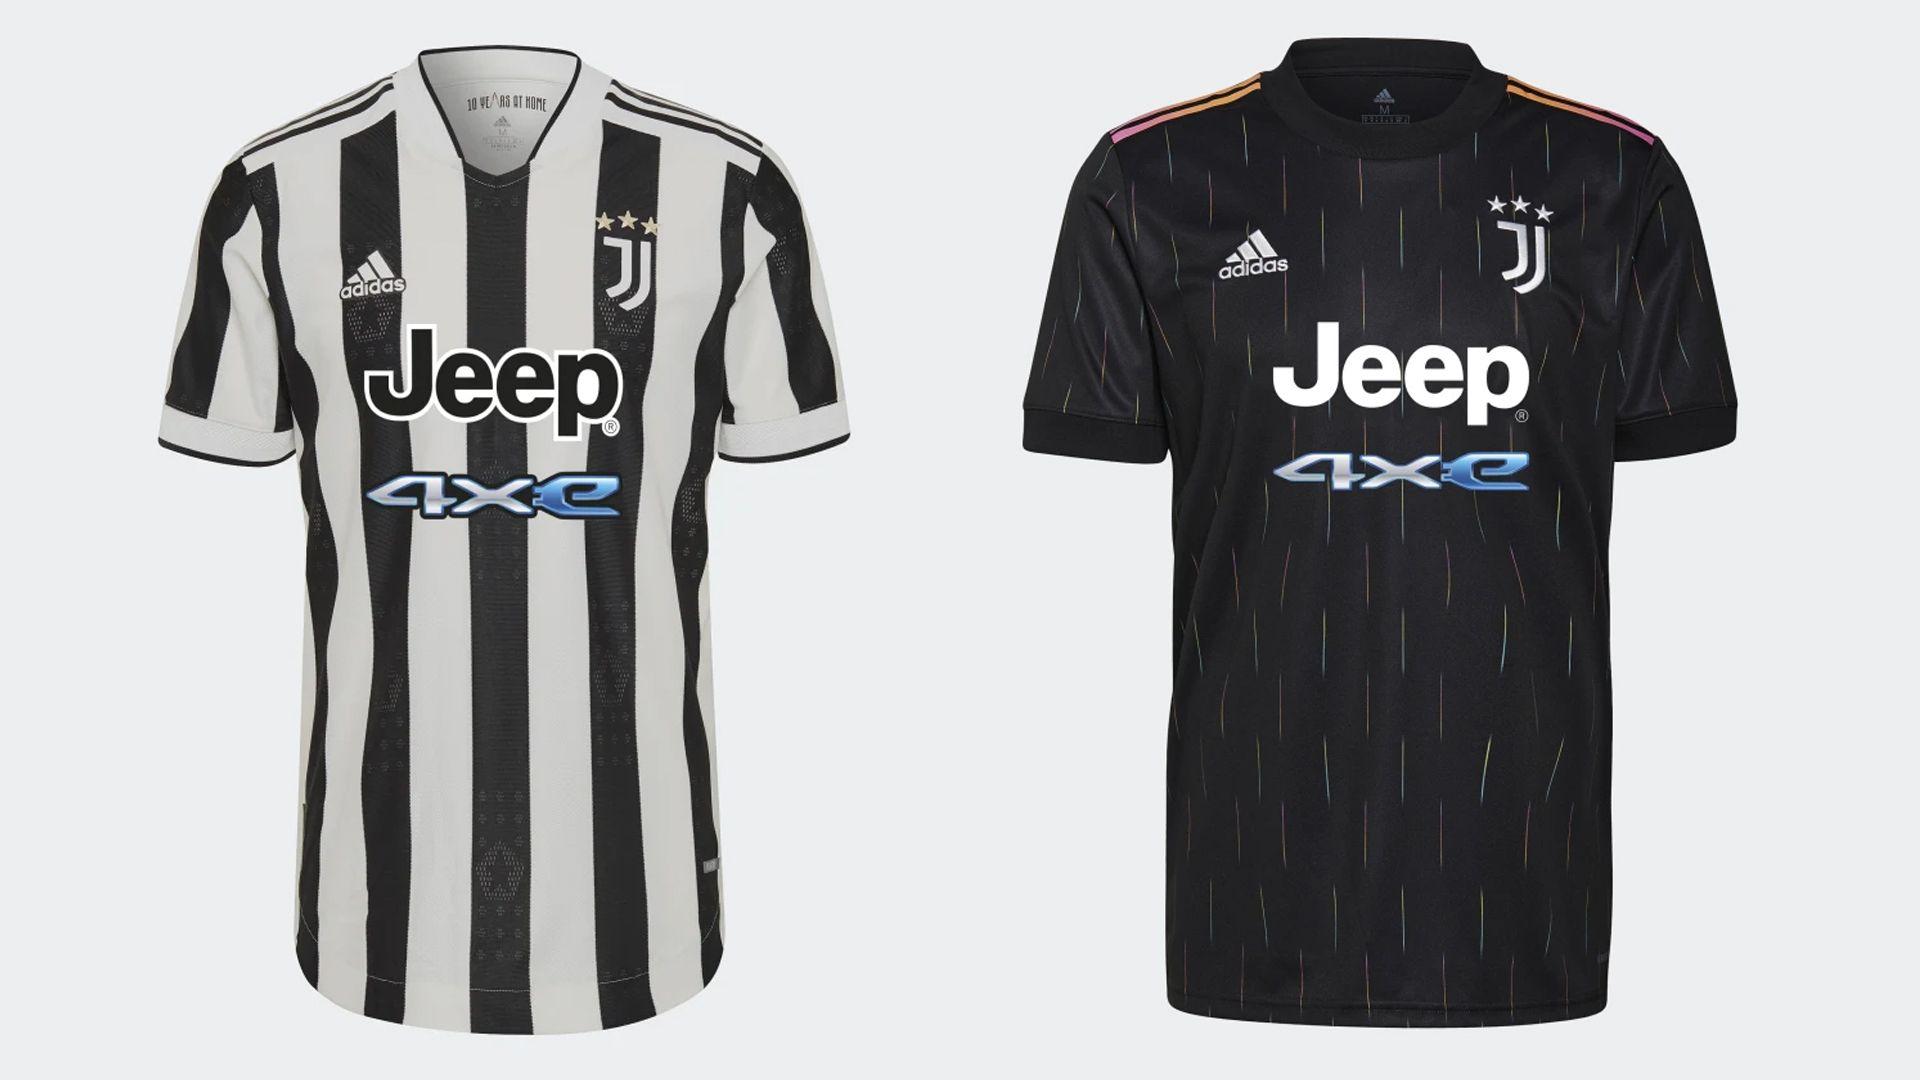 Camisa da Juventus 2021 (Imagem: Divulgação/Adidas)